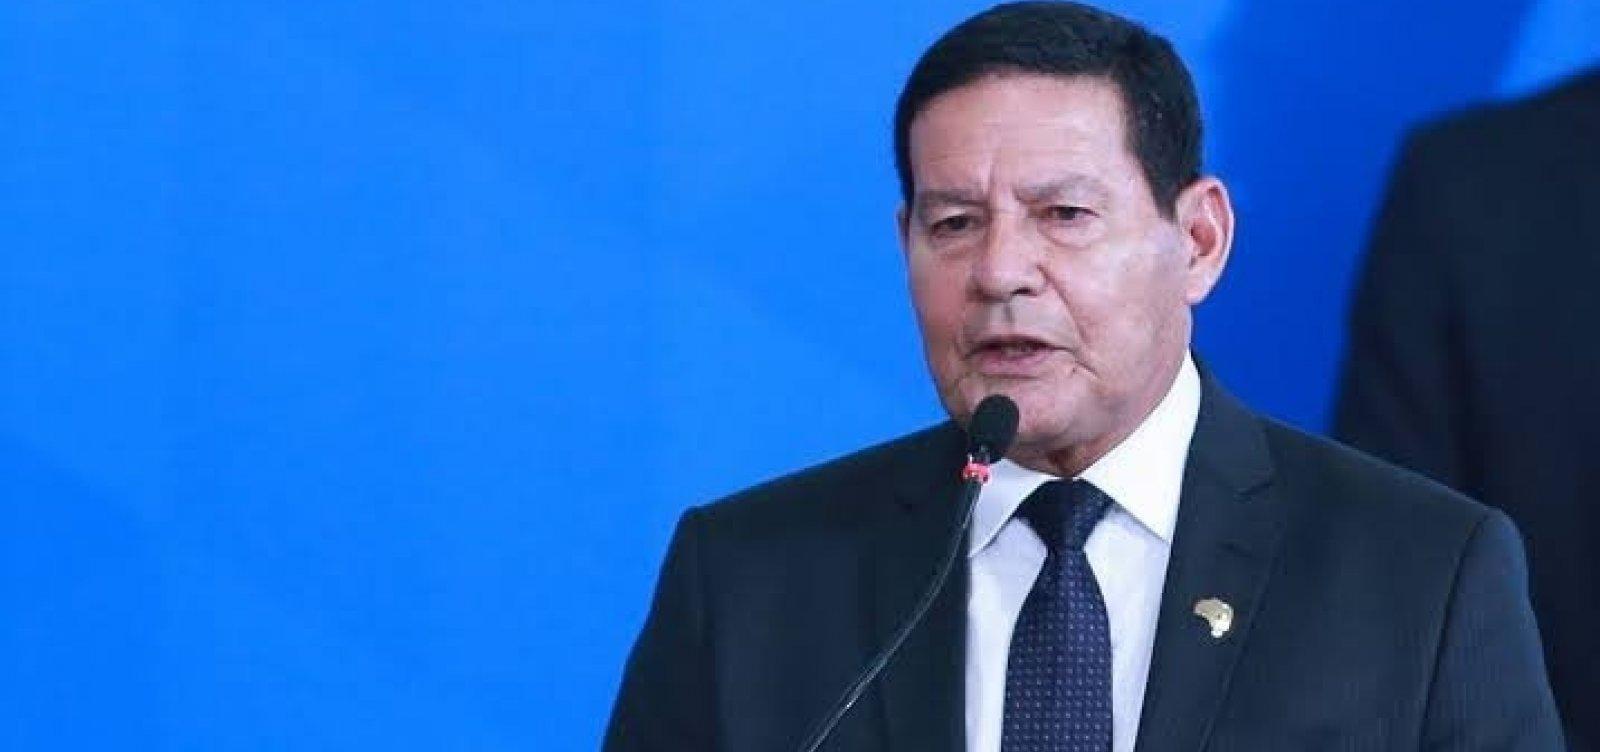 [Vice-presidente Mourão diz ver exagero em operação contra aliados de Bolsonaro]